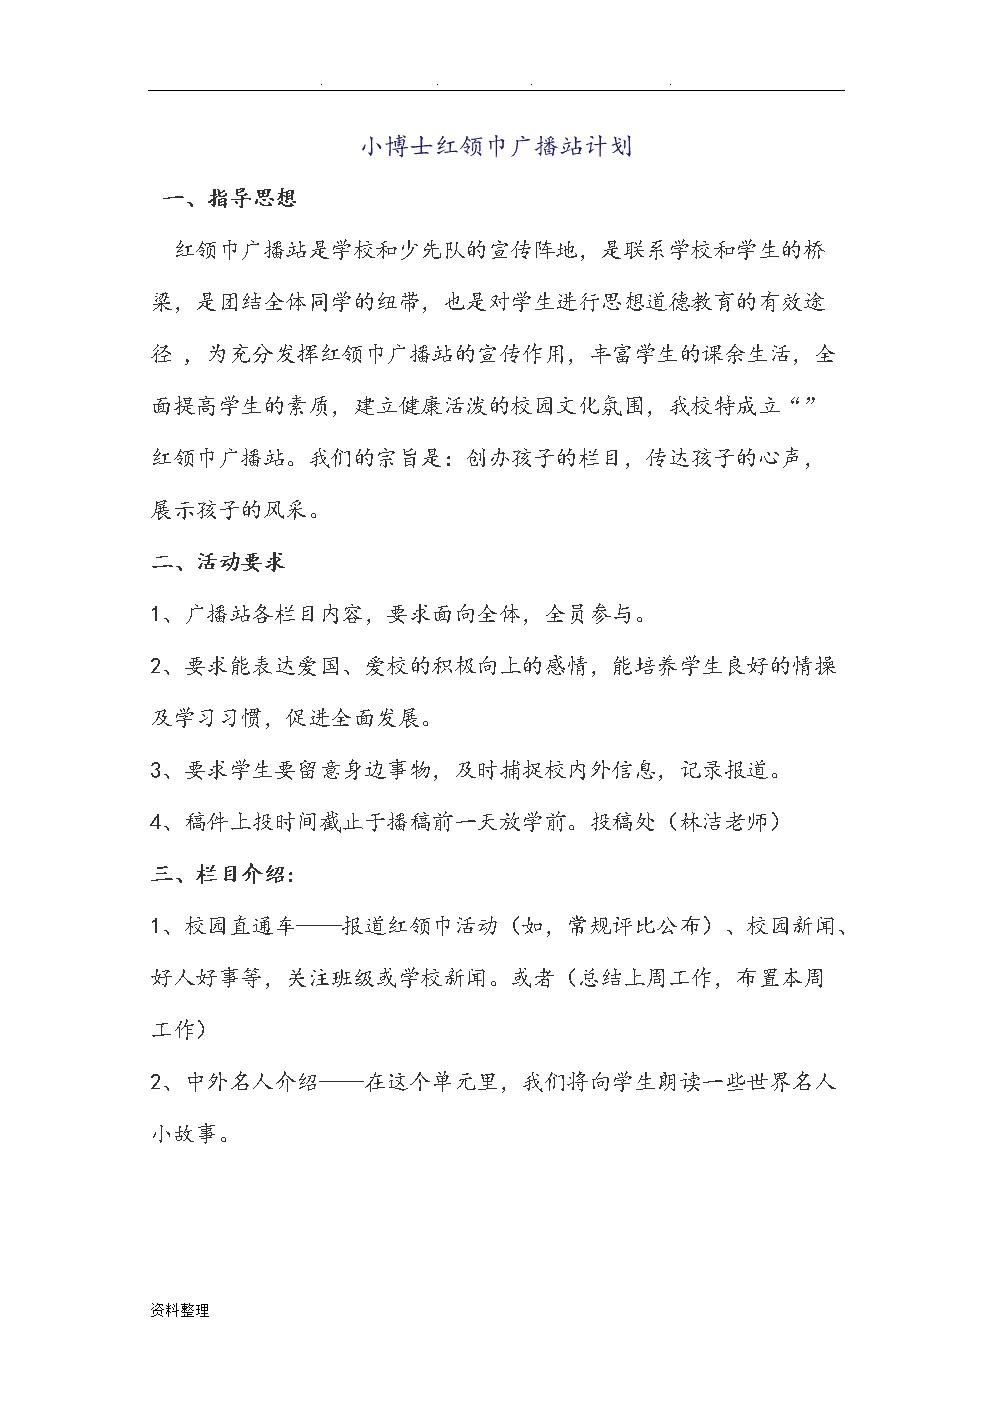 小博士红领巾广播站计划.doc